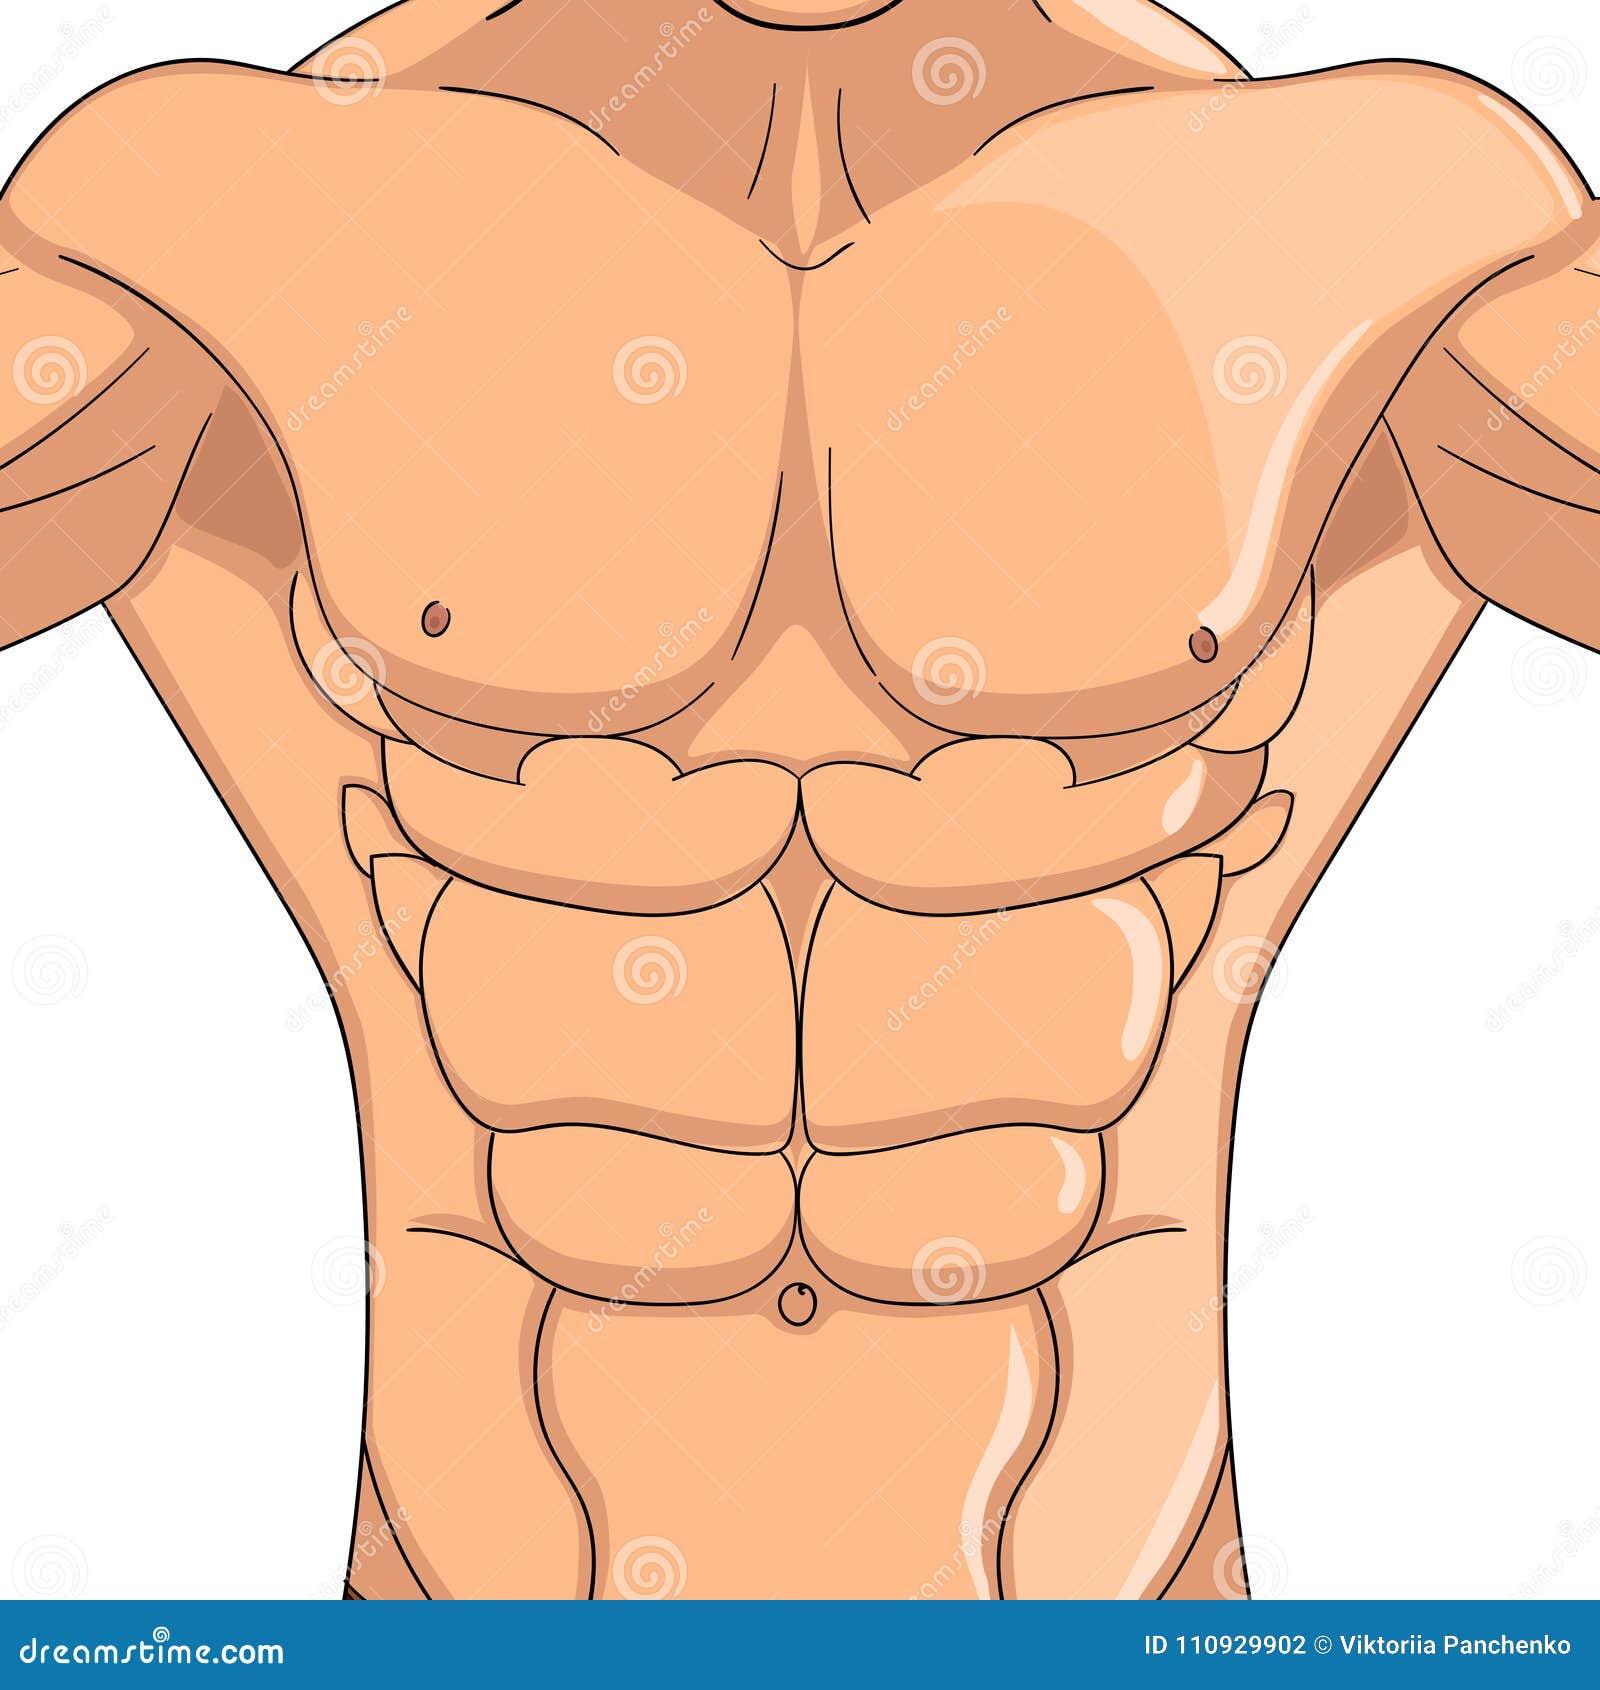 Culturista, Anatomía Del Hombre De Los Músculos Abdominales Objeto ...